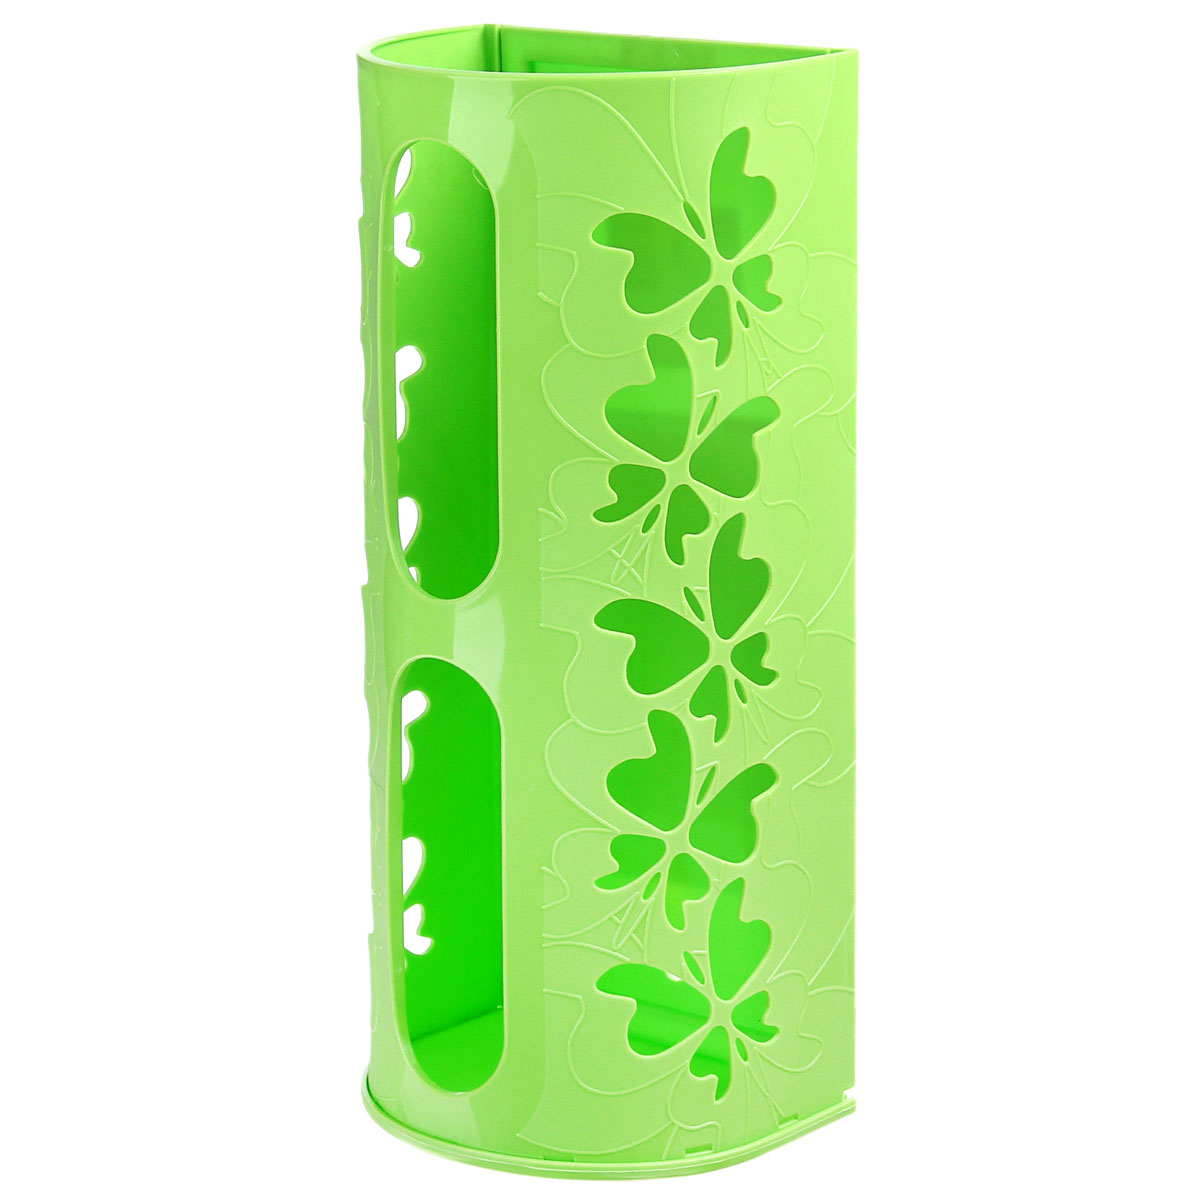 Корзина для пакетов Berossi Fly, цвет: салатовыйБрелок для ключейКорзина для пакетов Berossi Fly, изготовлена из высококачественного пластика. Эта практичная корзина наведет порядок в кладовке или кухонном шкафу и позволит хранить пластиковые пакеты или хозяйственные сумочки во всегда доступном месте! Изделие декорировано резным изображением бабочек. Корзина просто подвешивается на дверь шкафчика изнутри или снаружи, в зависимости от назначения. Корзина для пакетов Berossi Fly будет замечательным подарком для поддержания чистоты и порядка. Она сэкономит место, гармонично впишется в интерьер и будет радовать вас уникальным дизайном.